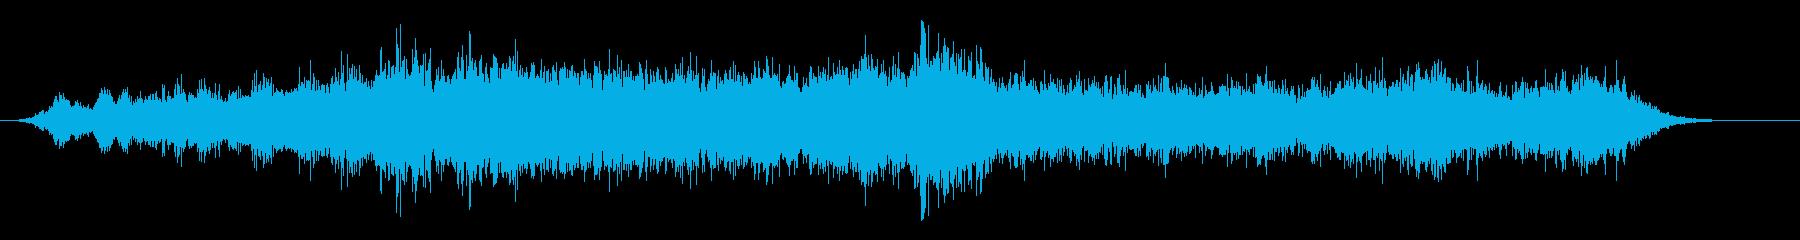 音楽:不気味なスローホラーストリン...の再生済みの波形